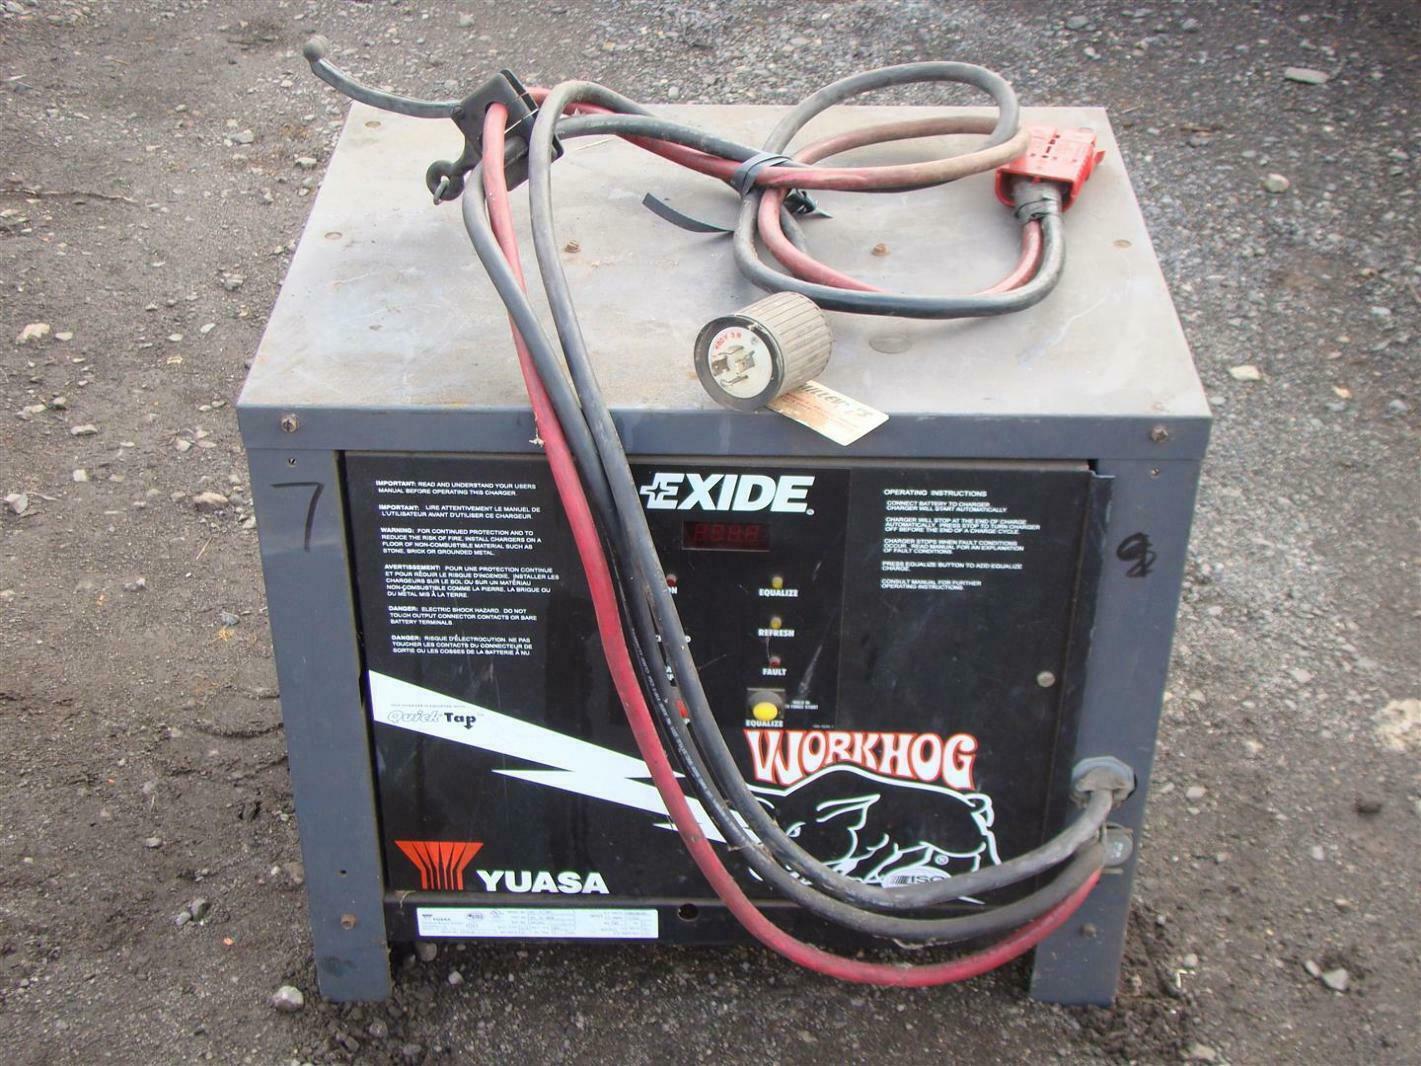 Exide Workhog 24vdc Forklift Battery Charger 865ah 208 240 480v W3 Hobart Wiring Diagram